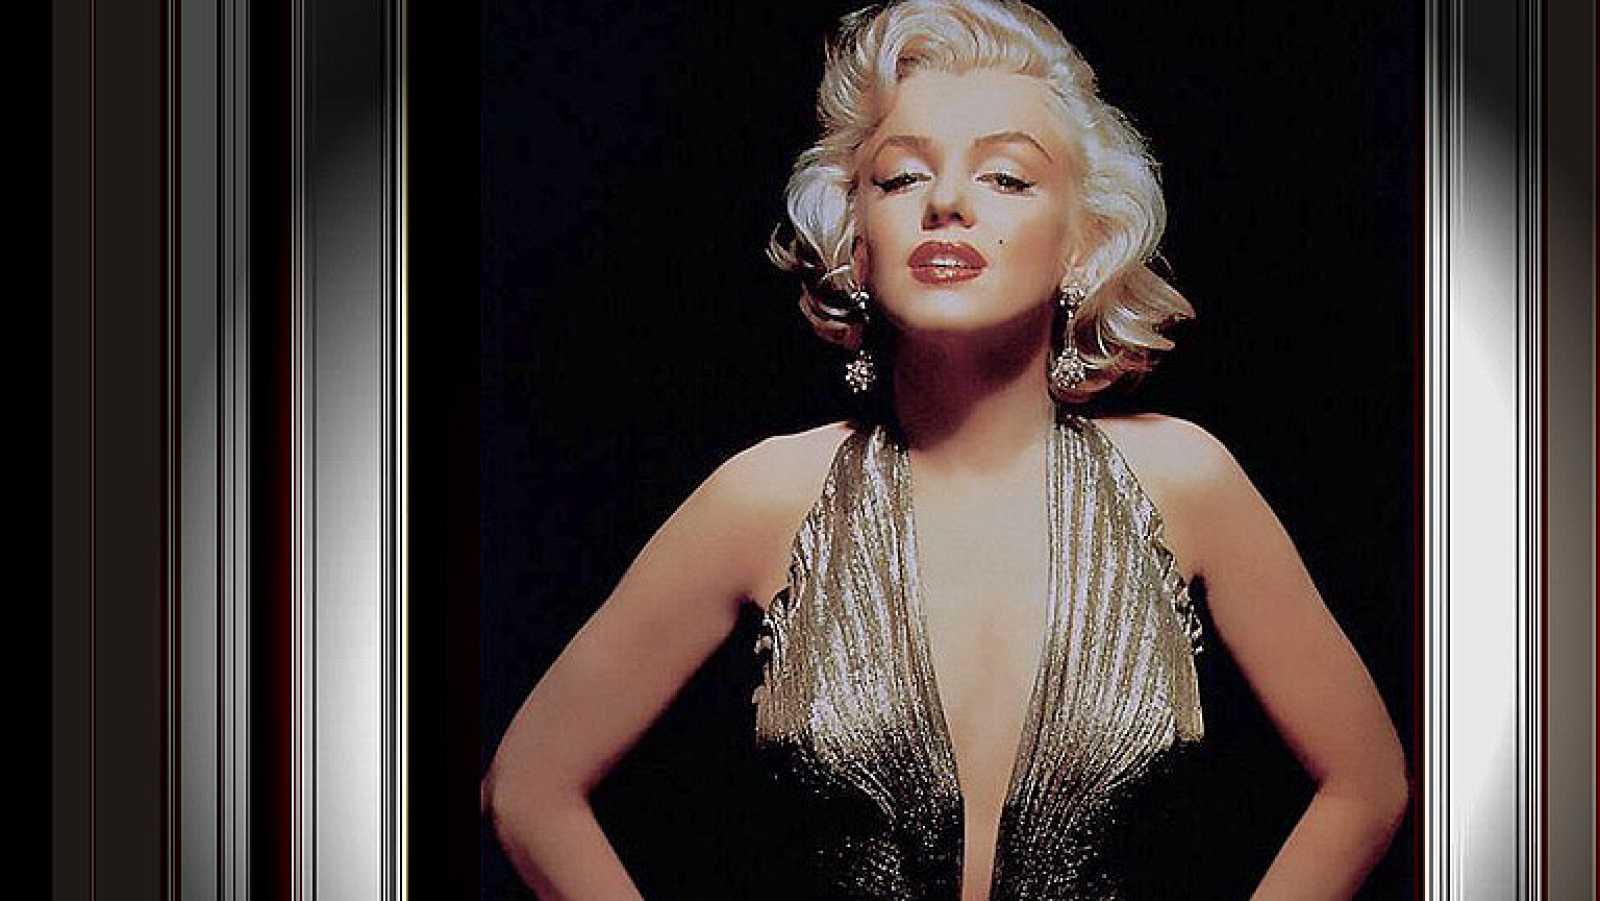 50 Años De La Muerte De Marilyn Monroe El Mito Eterno Rtvees